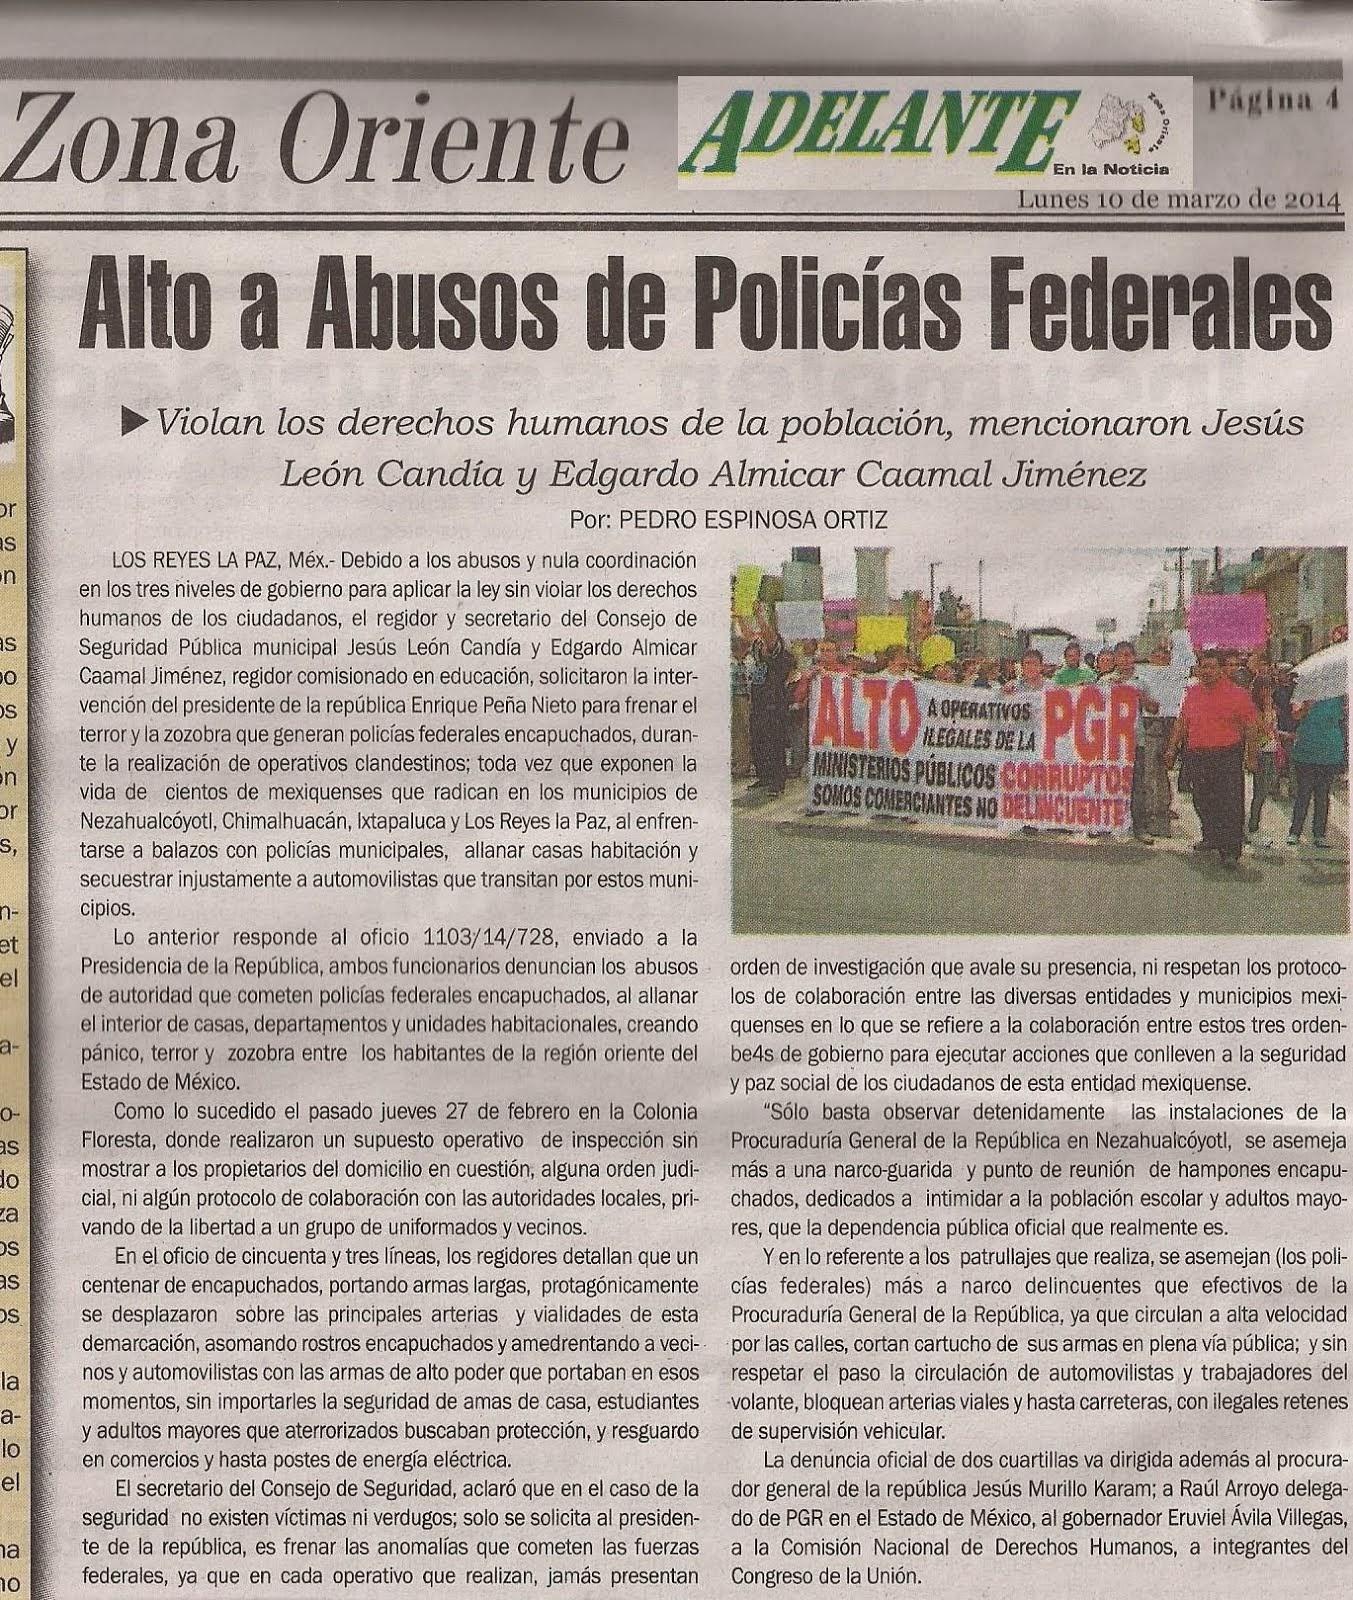 Alto a Abusos de Policias Federales